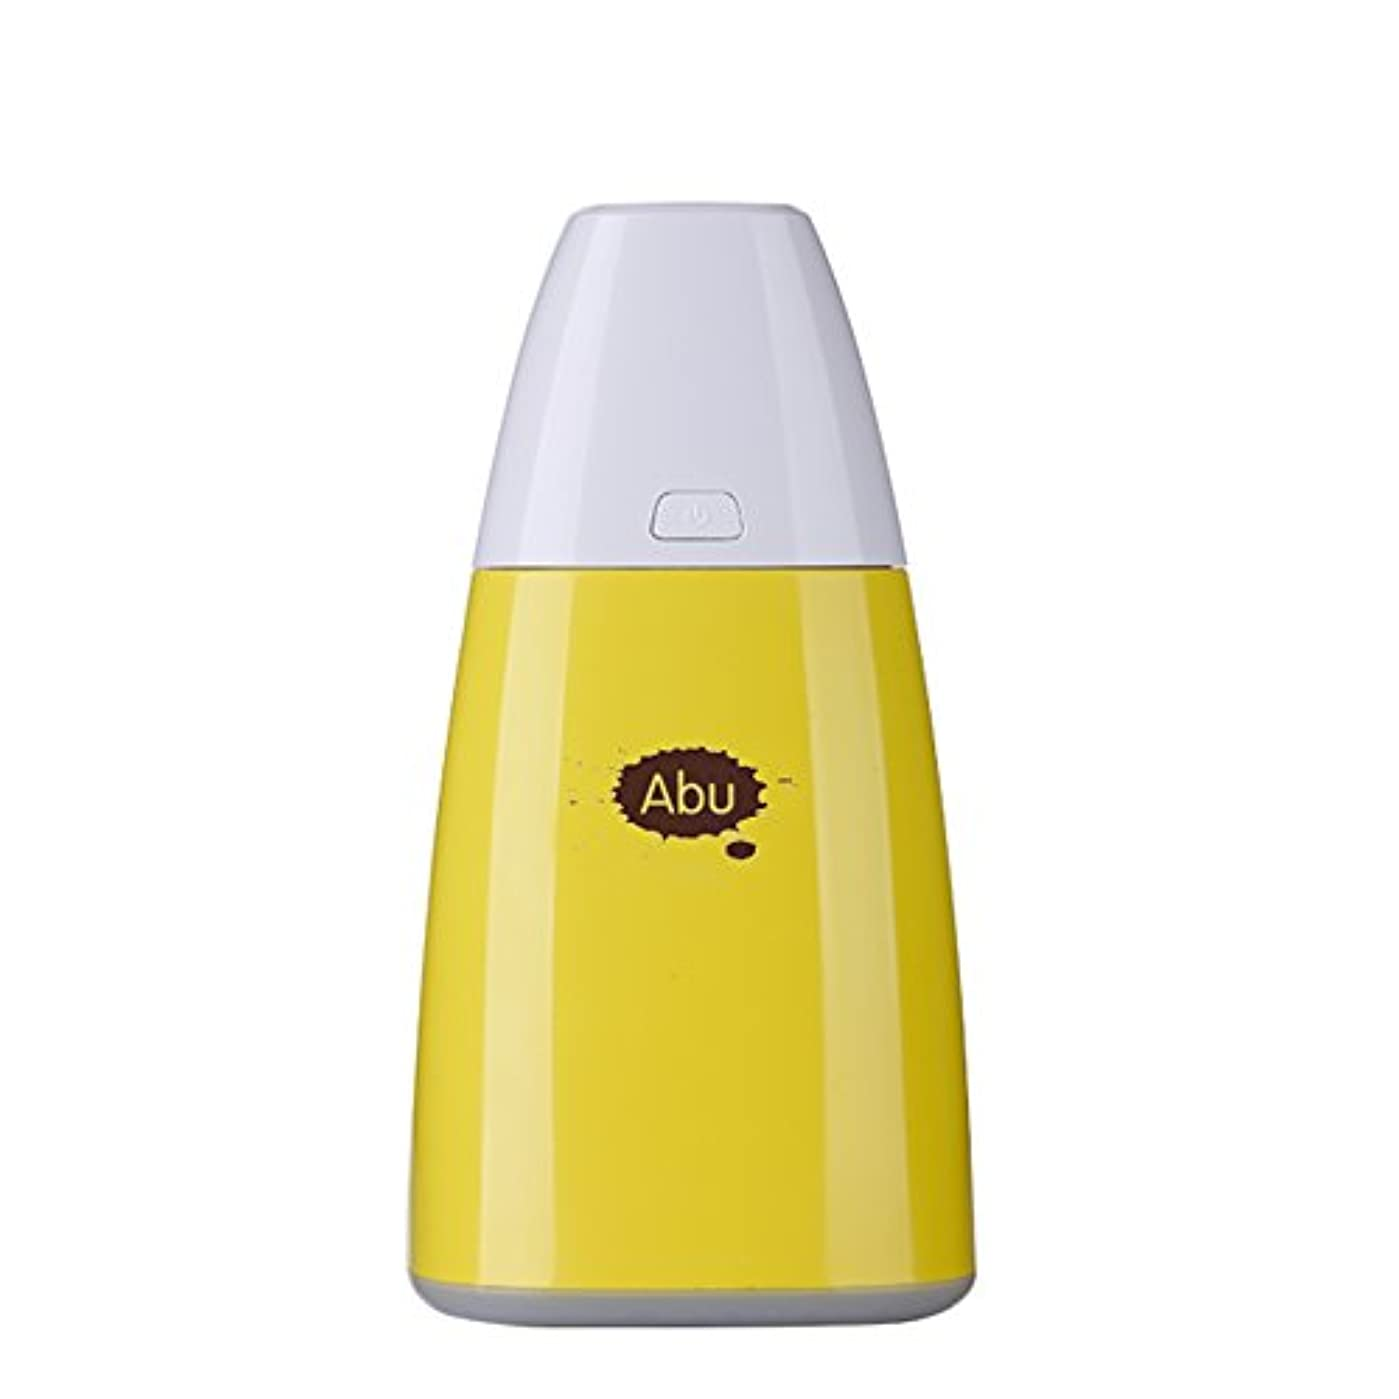 上可能検出可能Rakuby 250ml USBポータブル アロマ セラピーエッセンシャルオイル ディフューザー ミニ 超音波 クールミスト加湿器 カラフル LEDライト ホームオフィス 寝室用